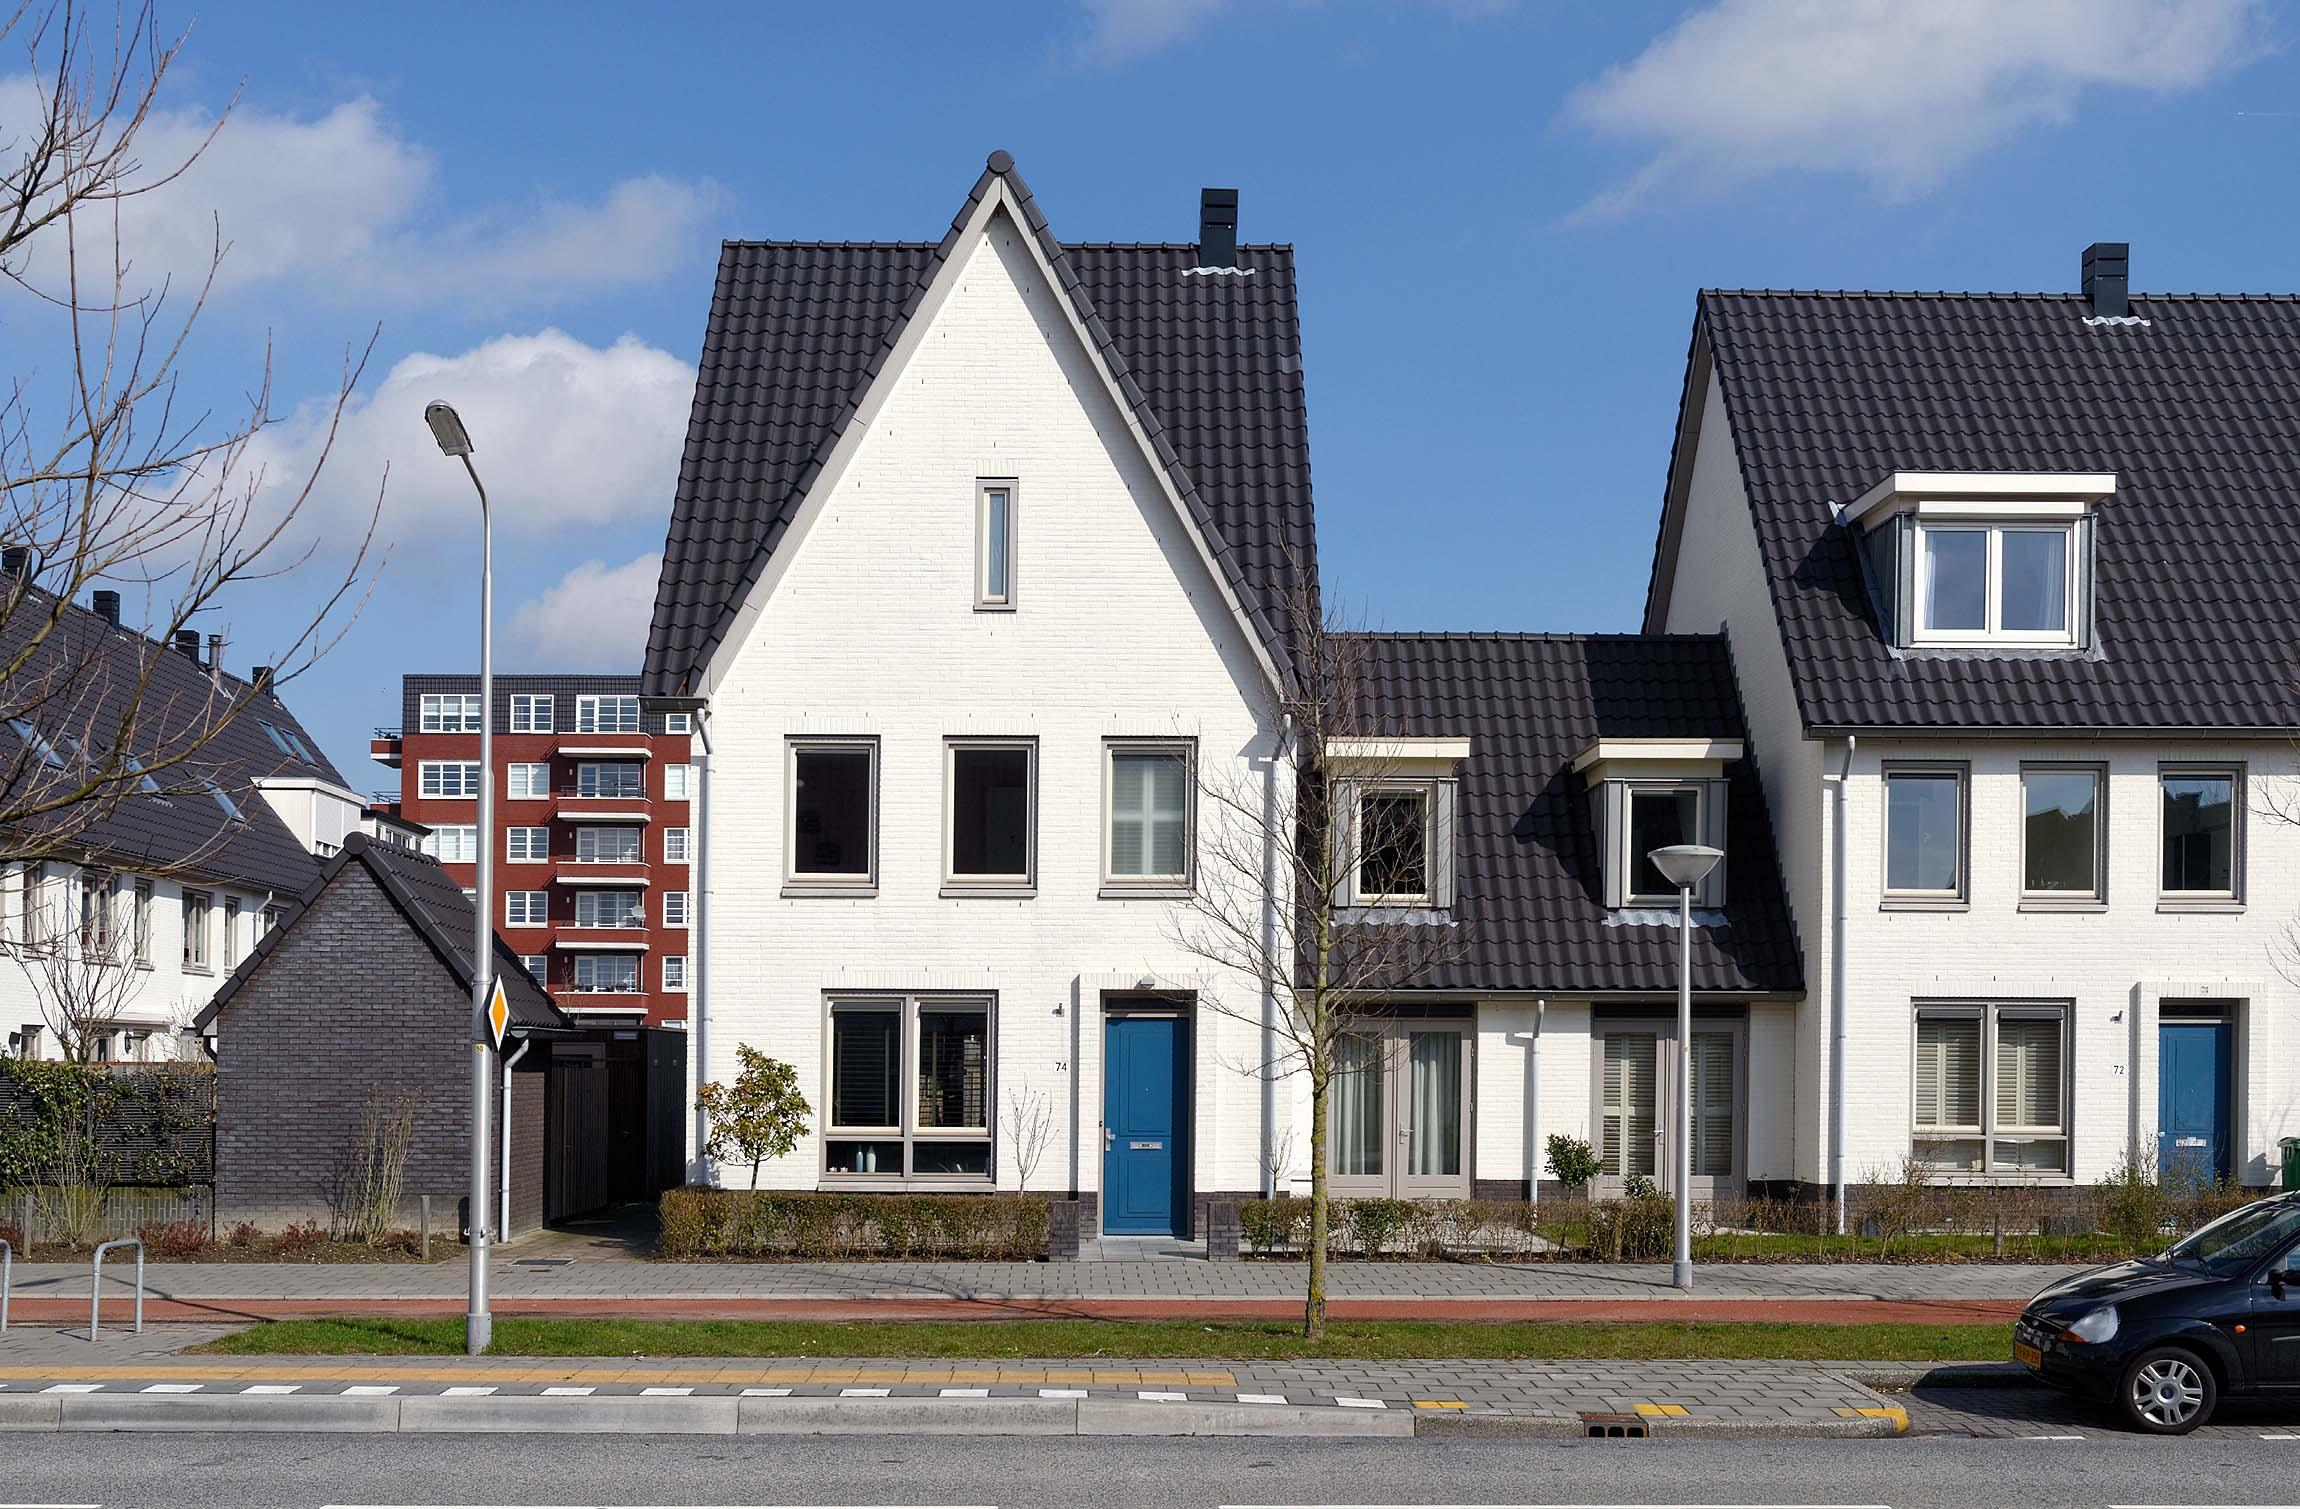 Lunshof makelaars Amstelveen en Amsterdam - Jane Addamslaan 74  Amstelveen